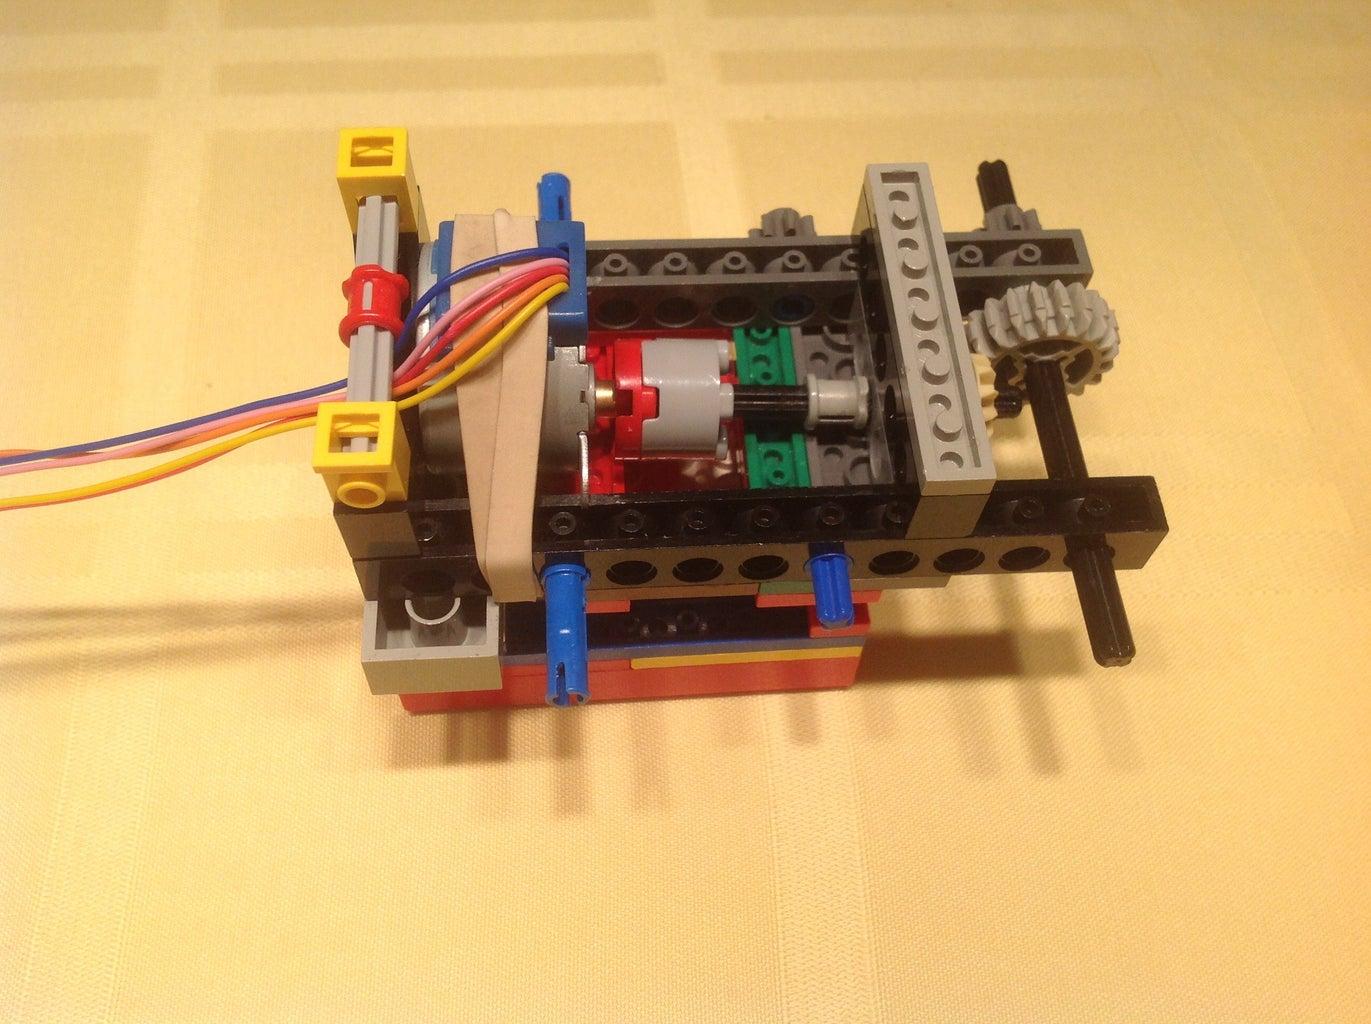 The Biotronics Prototype Design